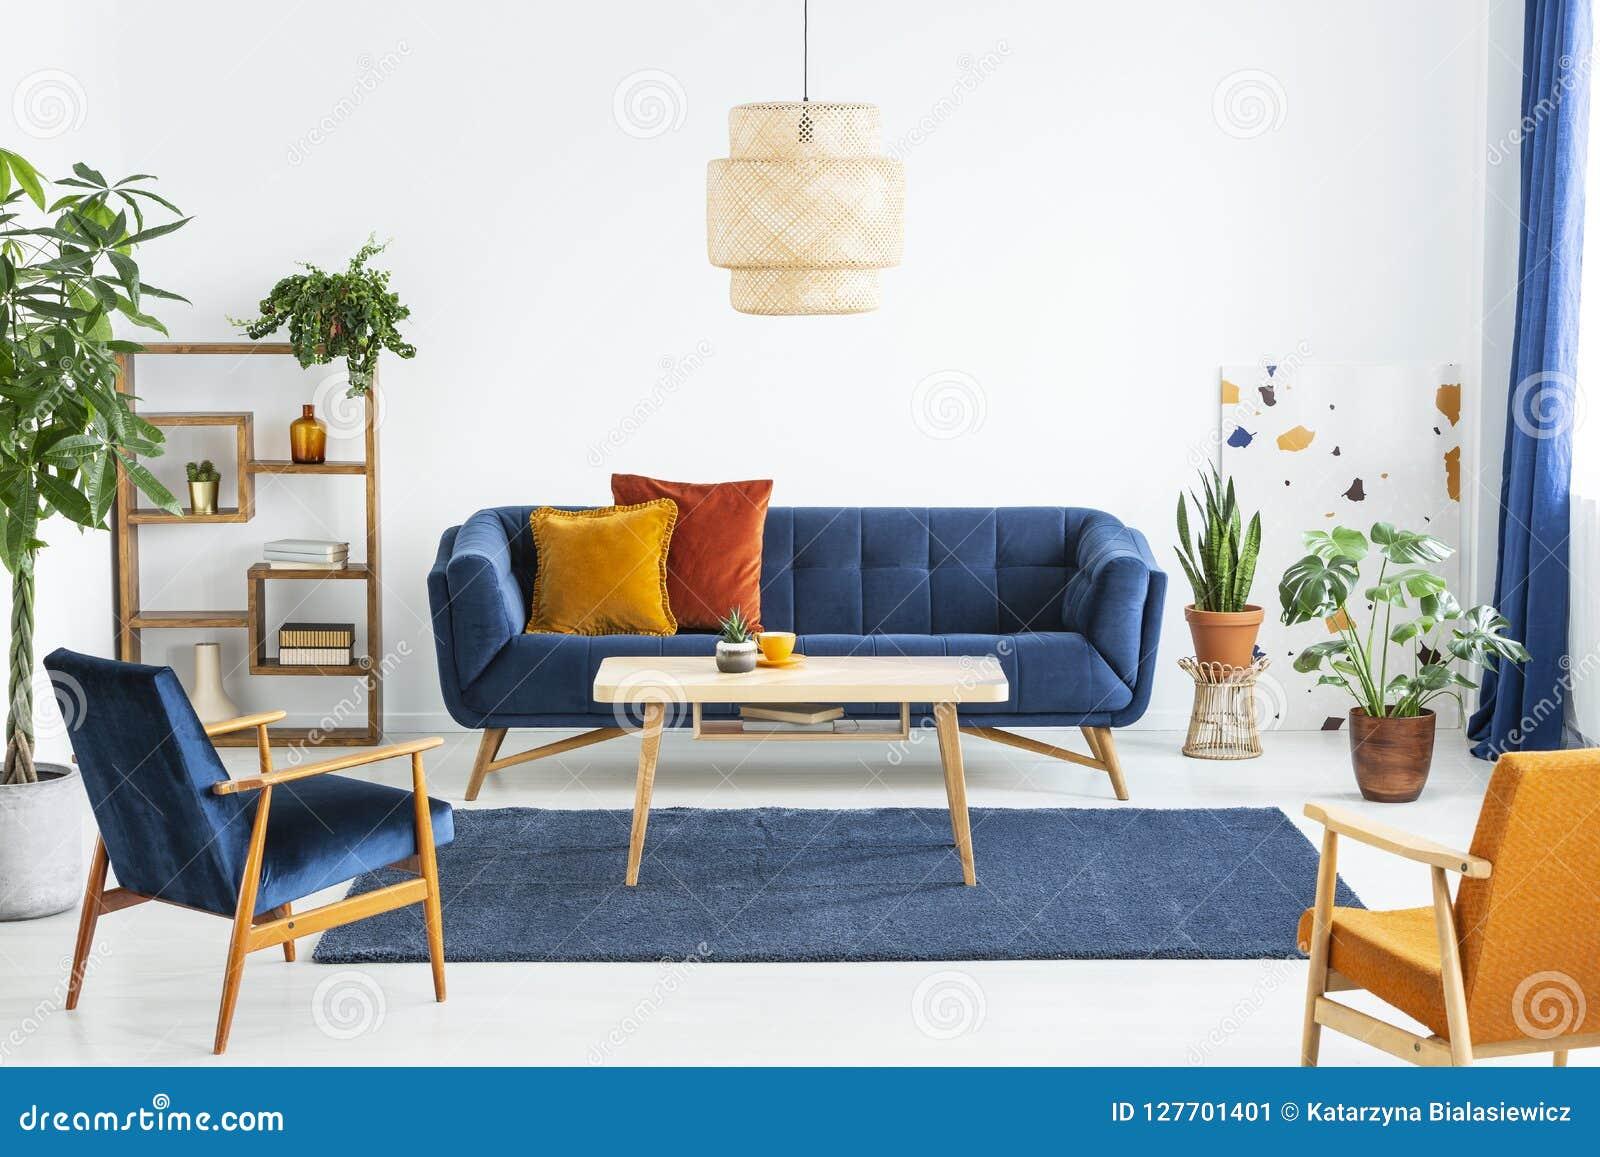 Rétros fauteuils avec le cadre en bois et oreillers colorés sur un sofa de bleu marine dans un intérieur vibrant de salon avec le